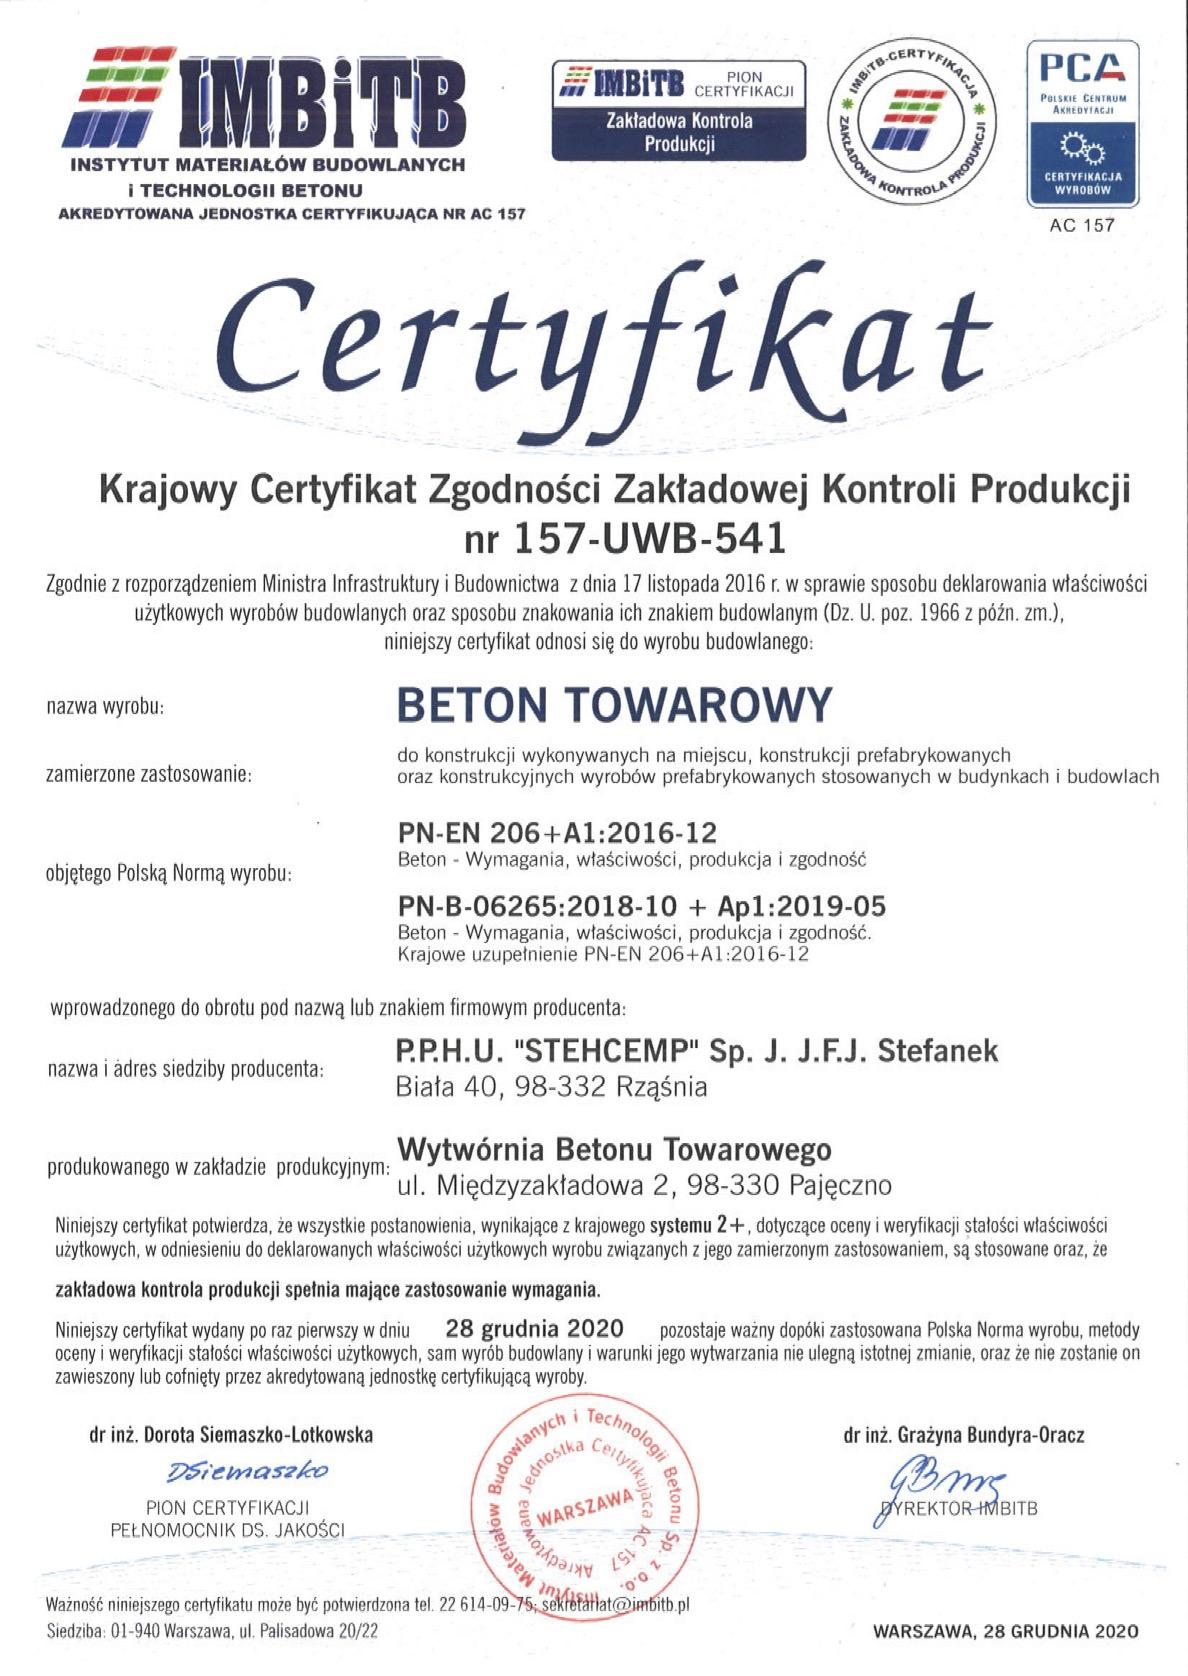 Certyfikat 157-UWB-541 B wyd 1 2020